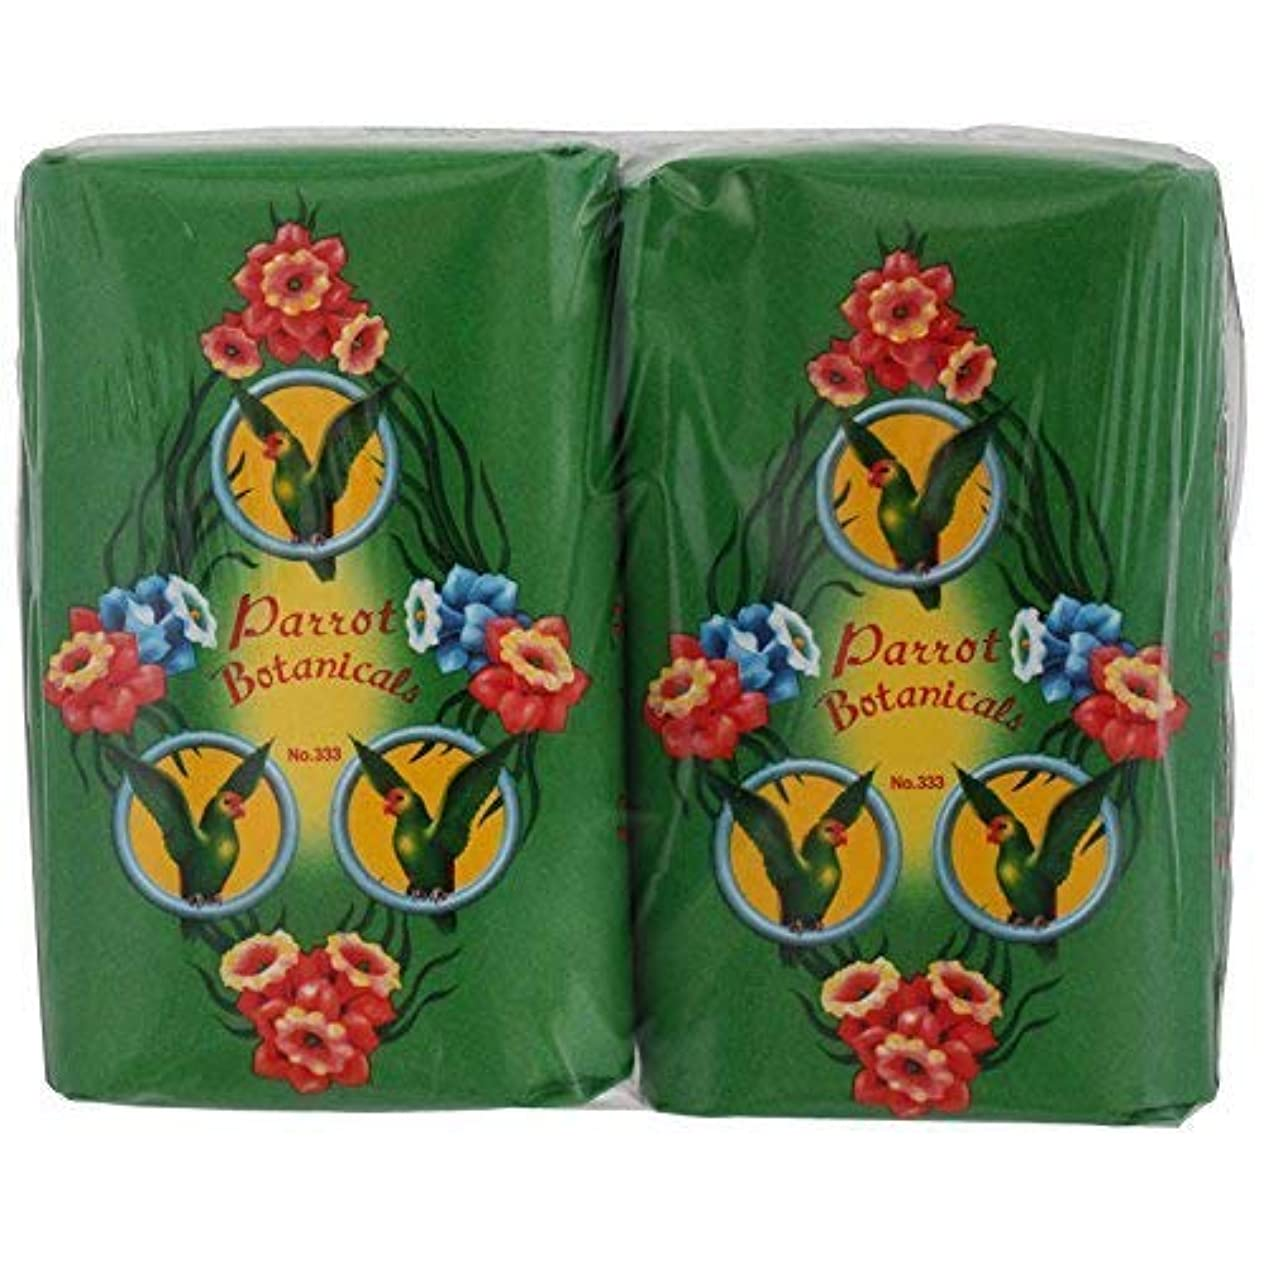 ワーカー食料品店買うRose Thai Smile Shop Parrot Botanicals Soap Green Long Last Fragrance 105 G (Pack of 4) Free Shipping